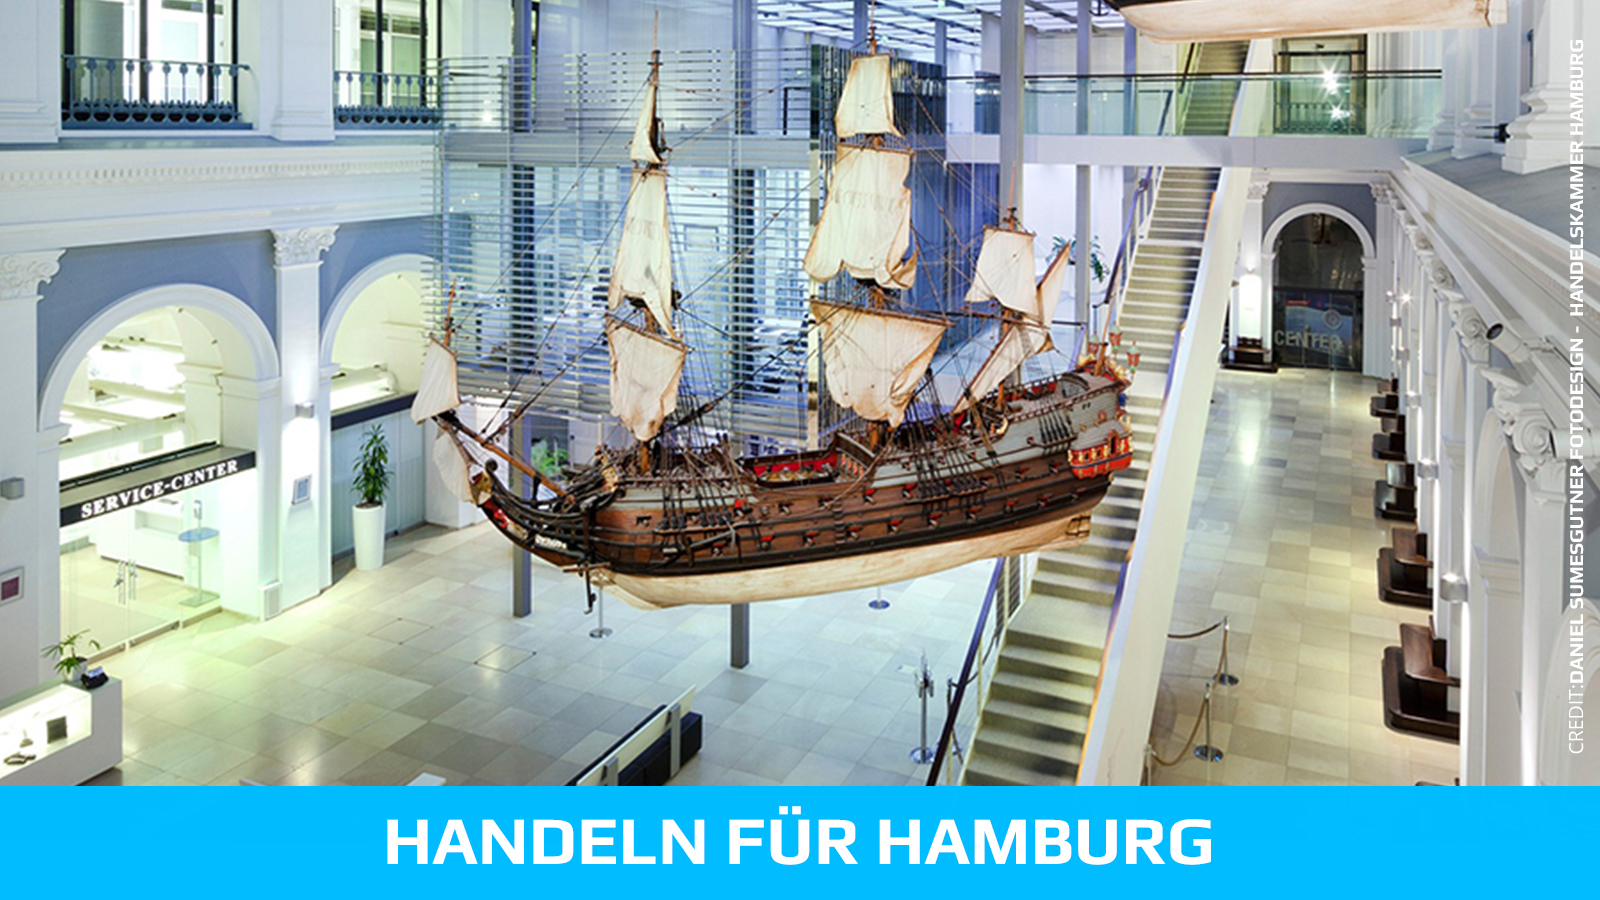 Handeln für Hamburg